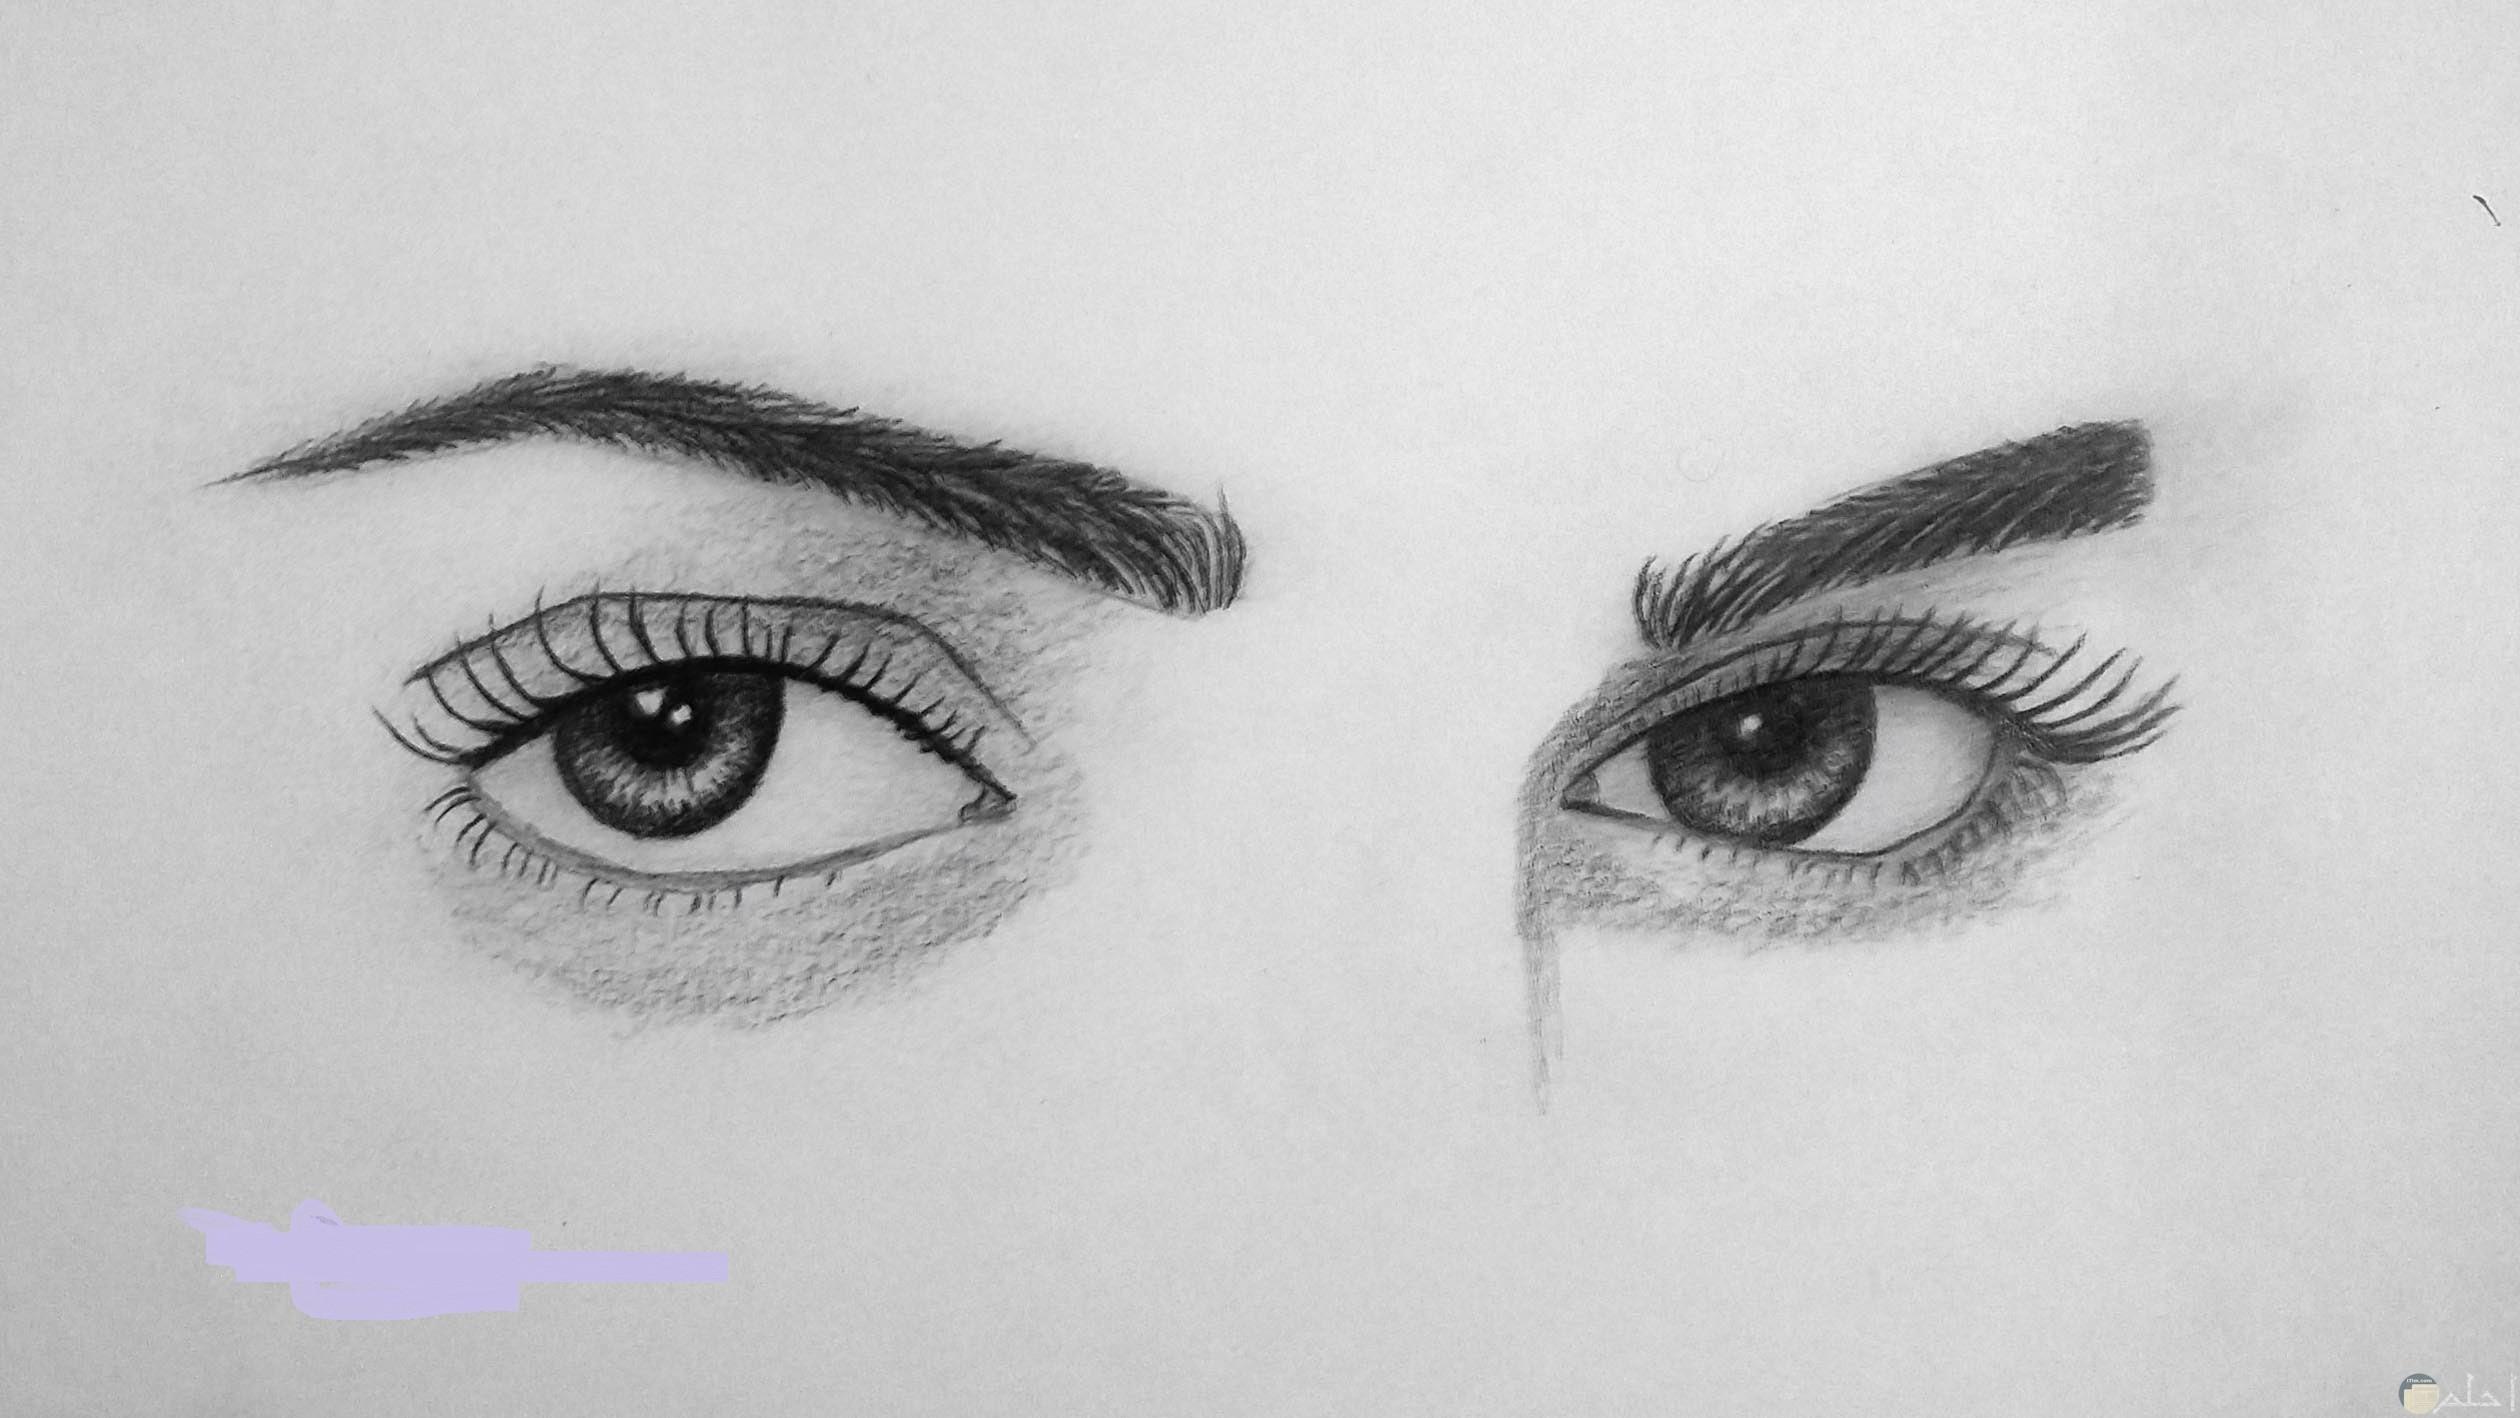 صورة عيون فتاة مرسومة بالقلم الرصاص.